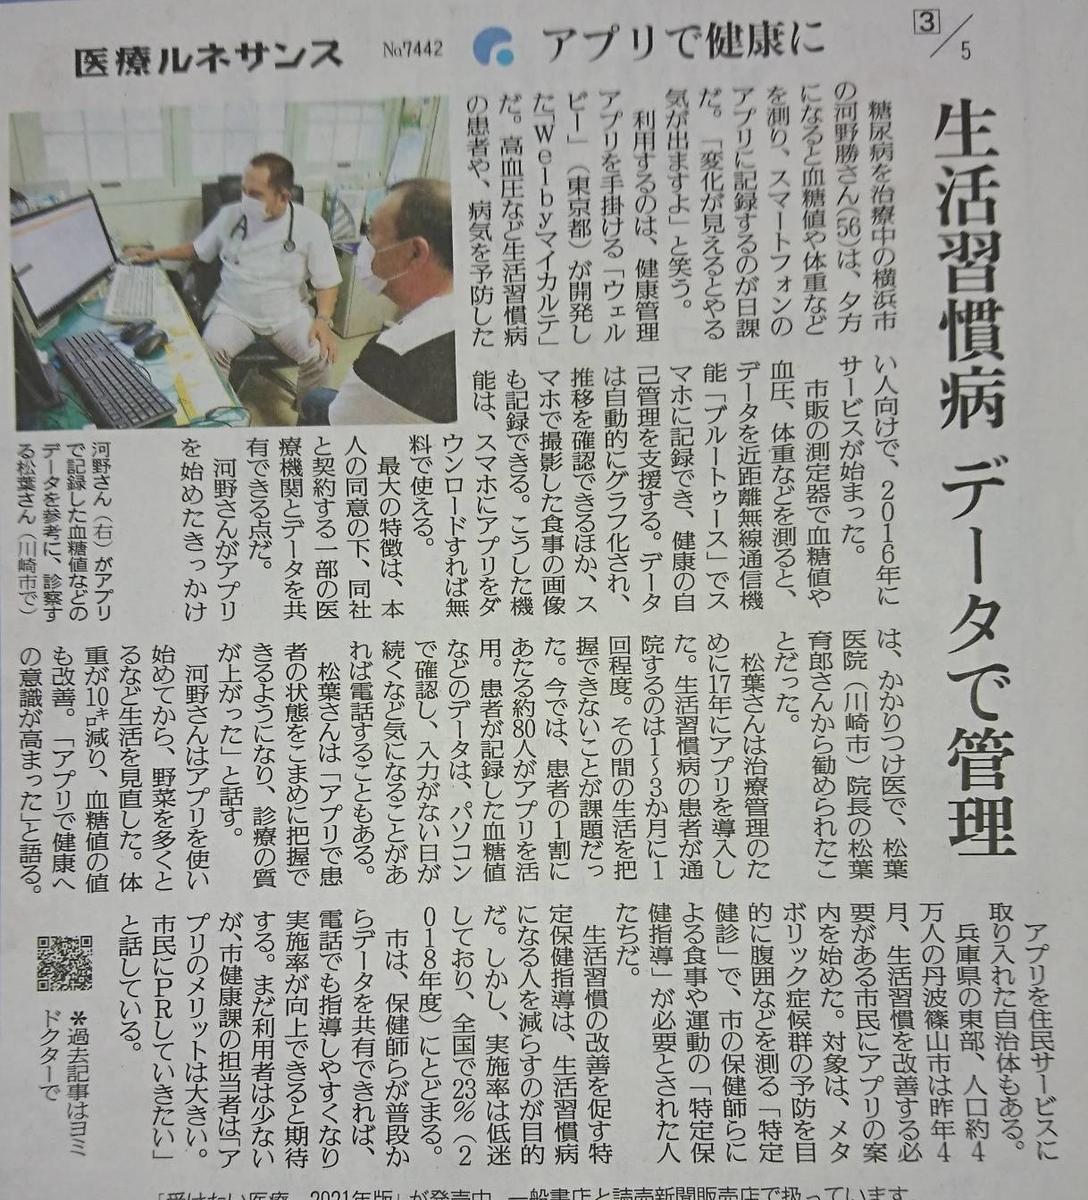 f:id:kazura-kobayashi:20210130143735j:plain